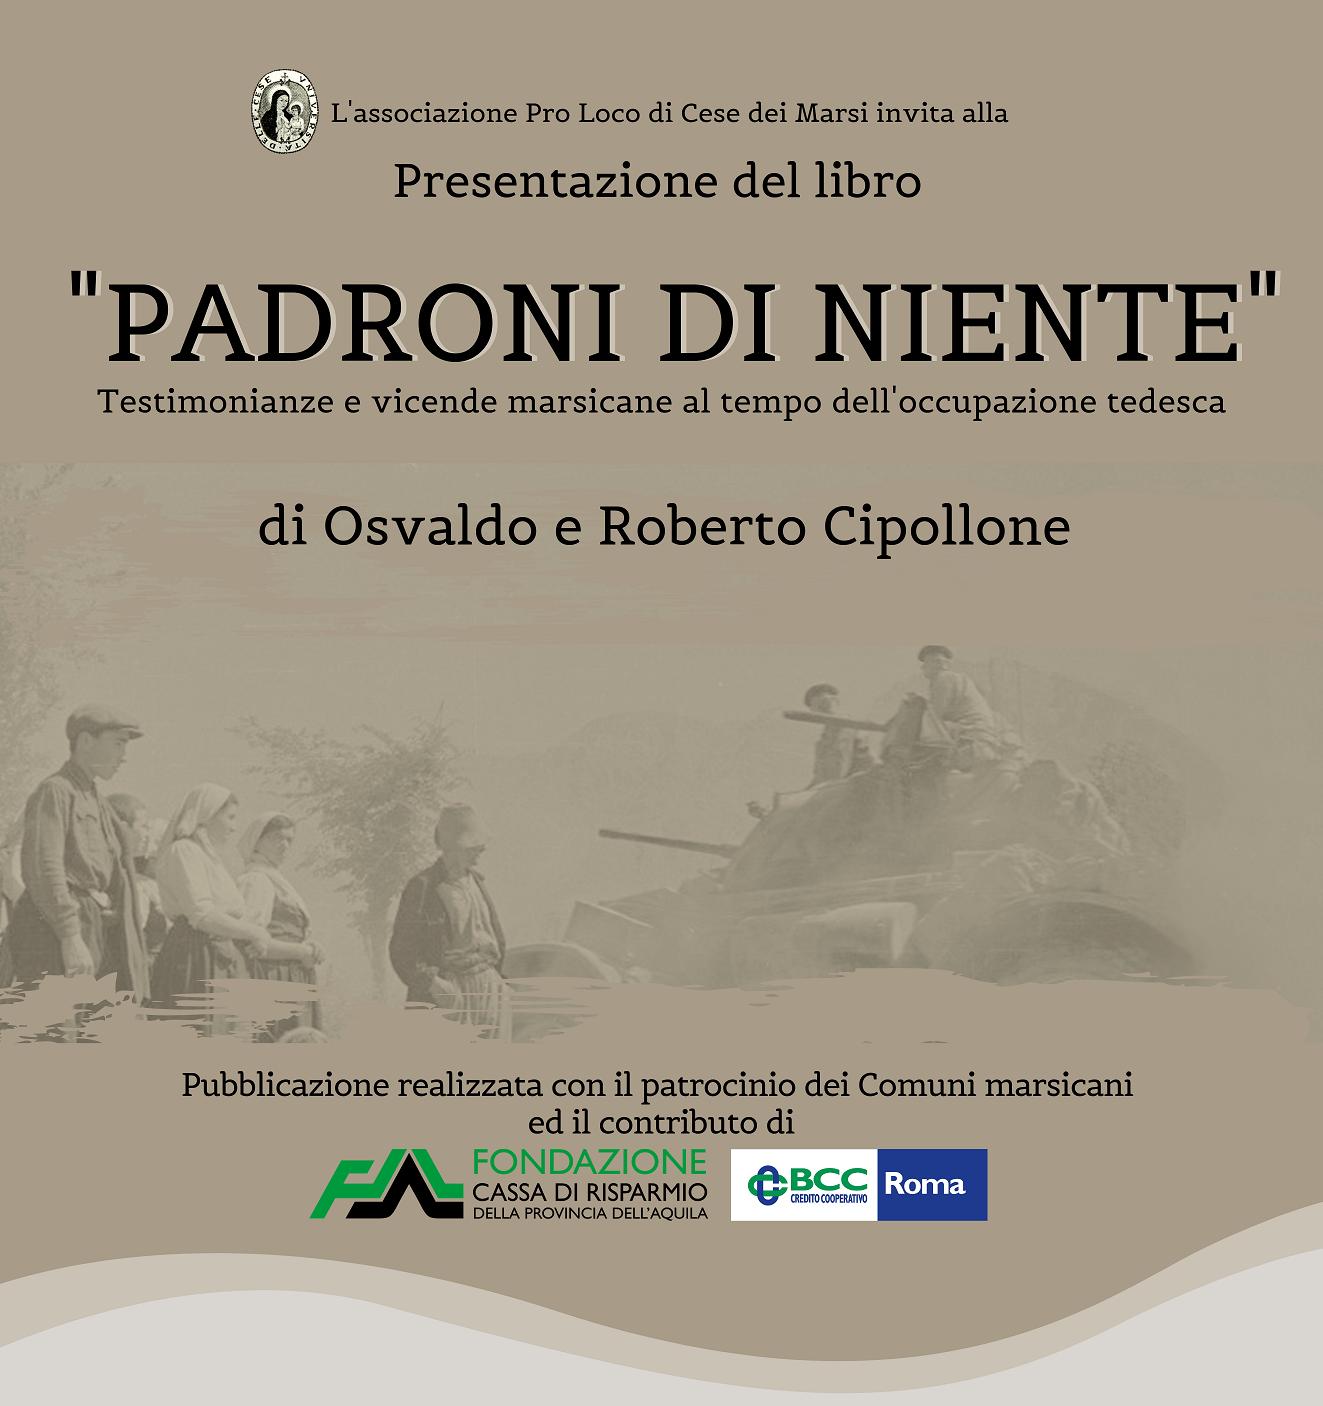 Sarà presentato a Cese, Capistrello e Tagliacozzo il libro di Osvaldo e Roberto Cipollone sull'occupazione tedesca nella Marsica